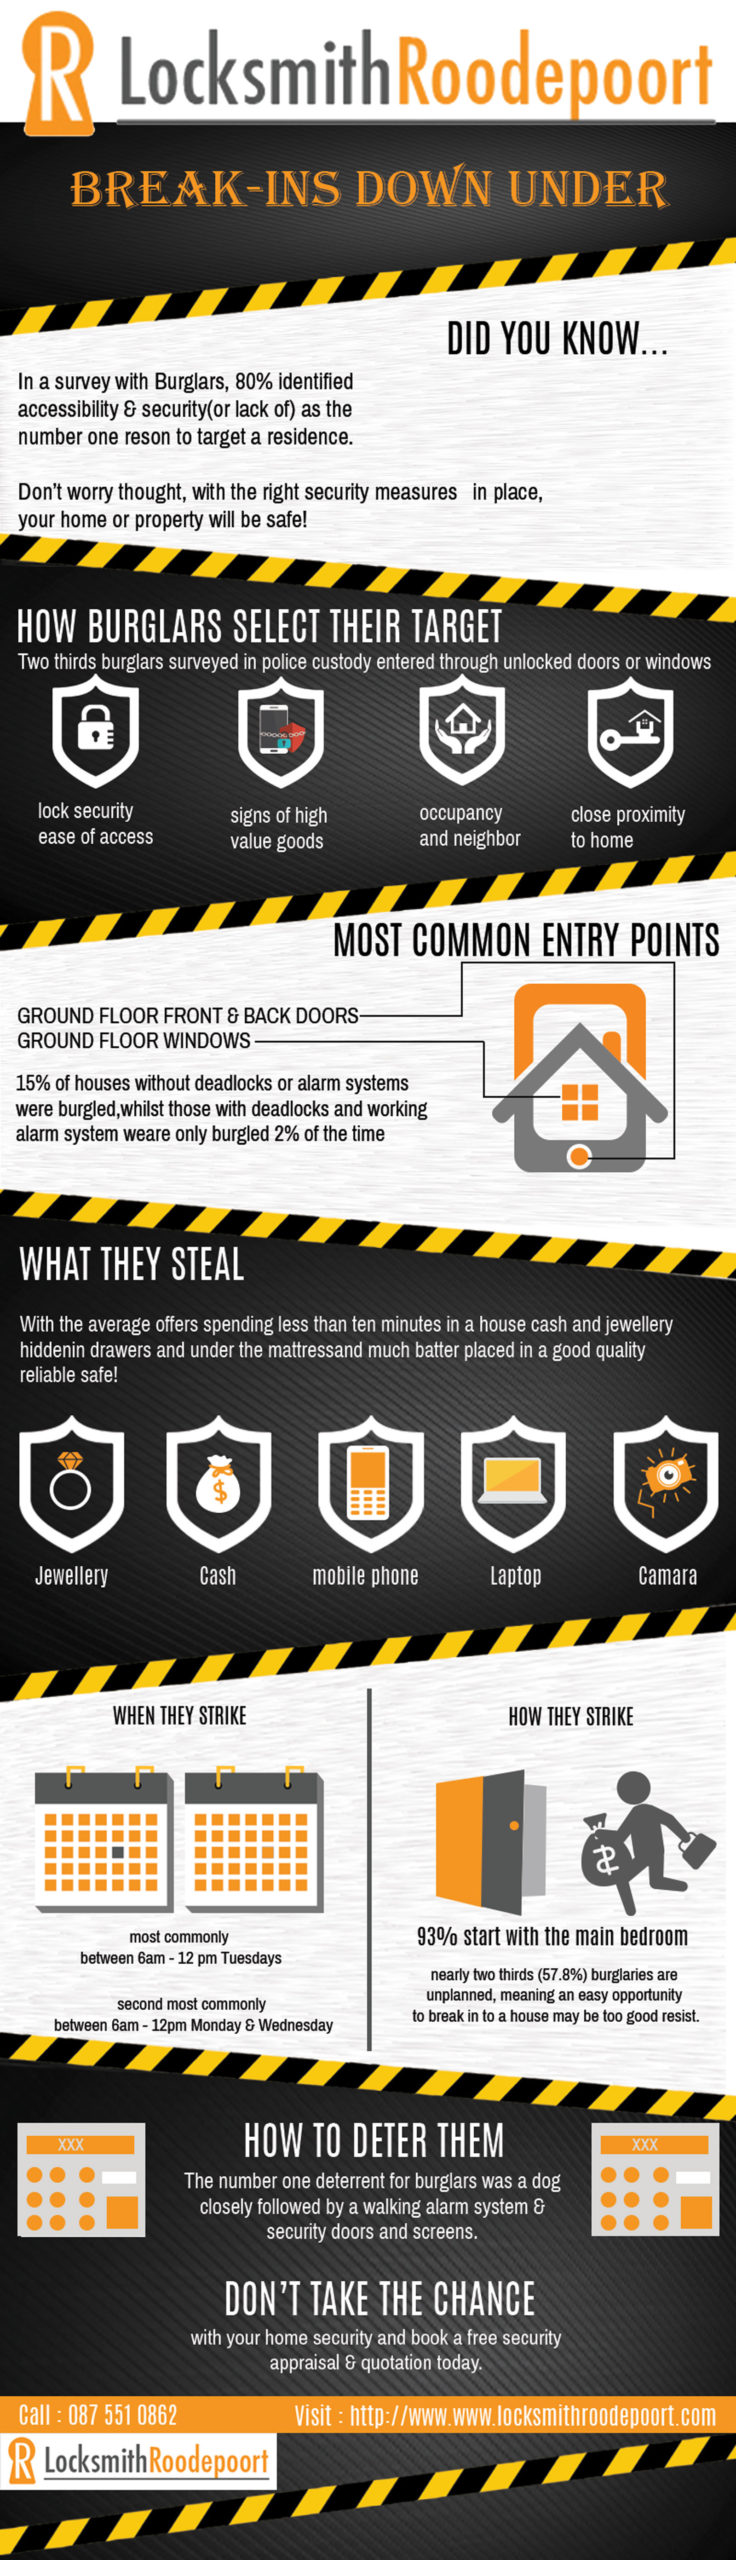 burglary infographic